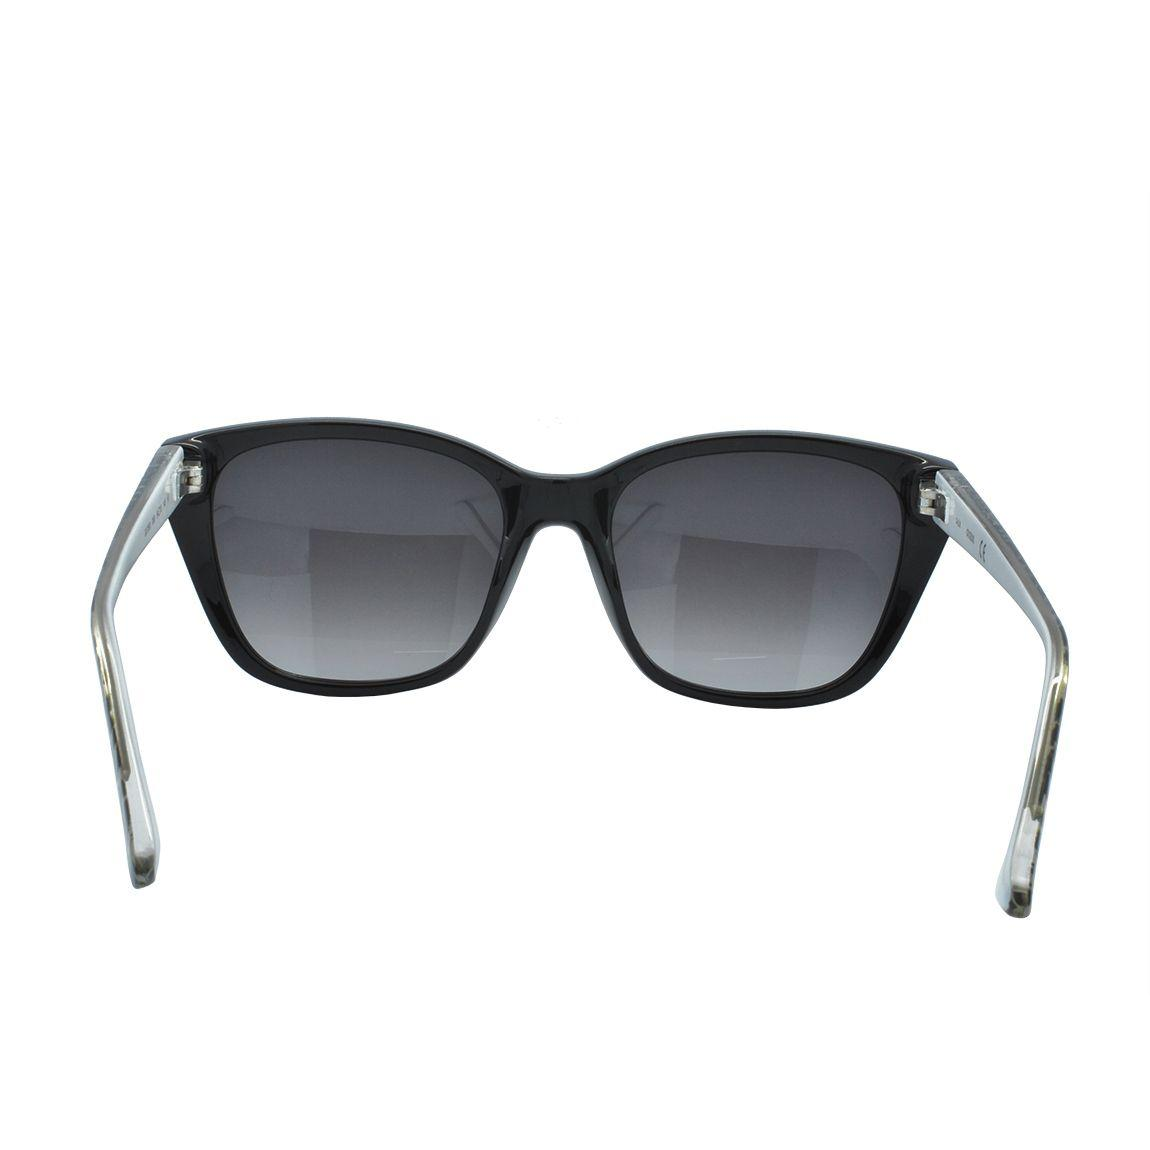 2dd826398 Óculos de Sol Guess Feminino GU7593 05B - Acetato Preto e Haste Oncinha R$  460,00 à vista. Adicionar à sacola